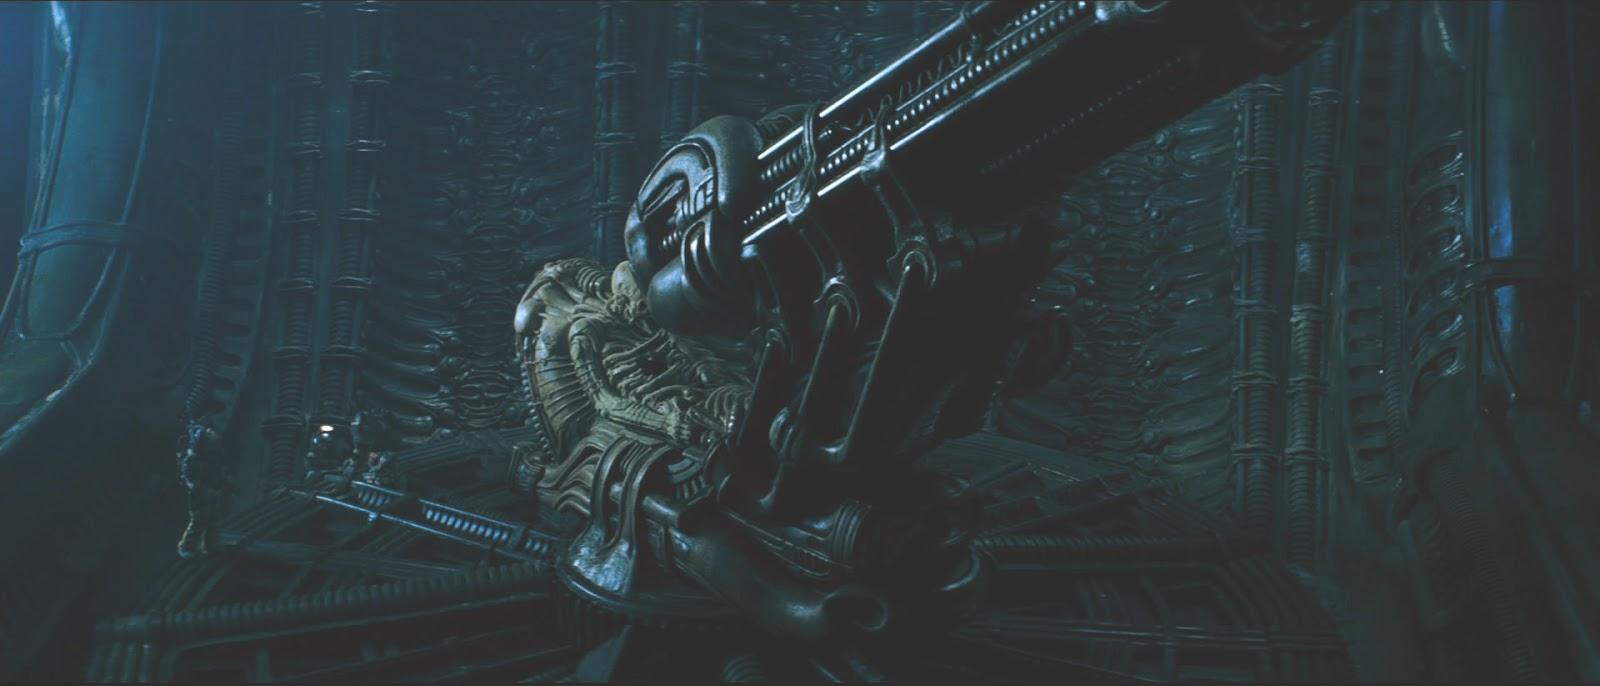 [Obrazek: Space+Jockey+in+Alien.jpg]